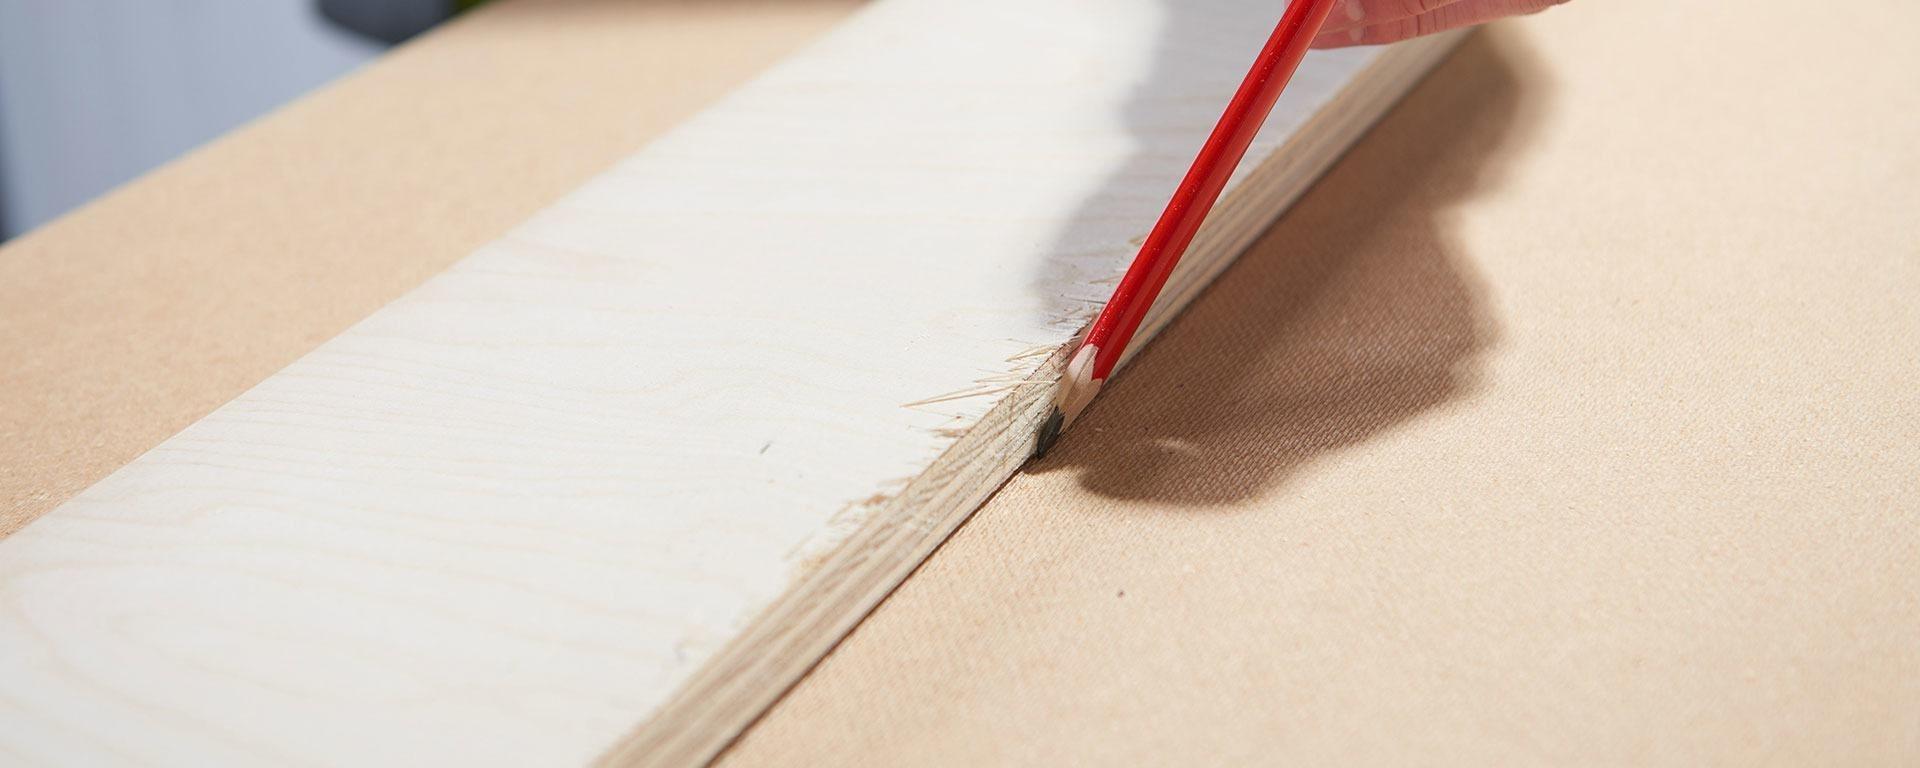 Fabriquer un chevalet pour couper du bois - Comment fabriquer un chevalet pour couper du bois ...